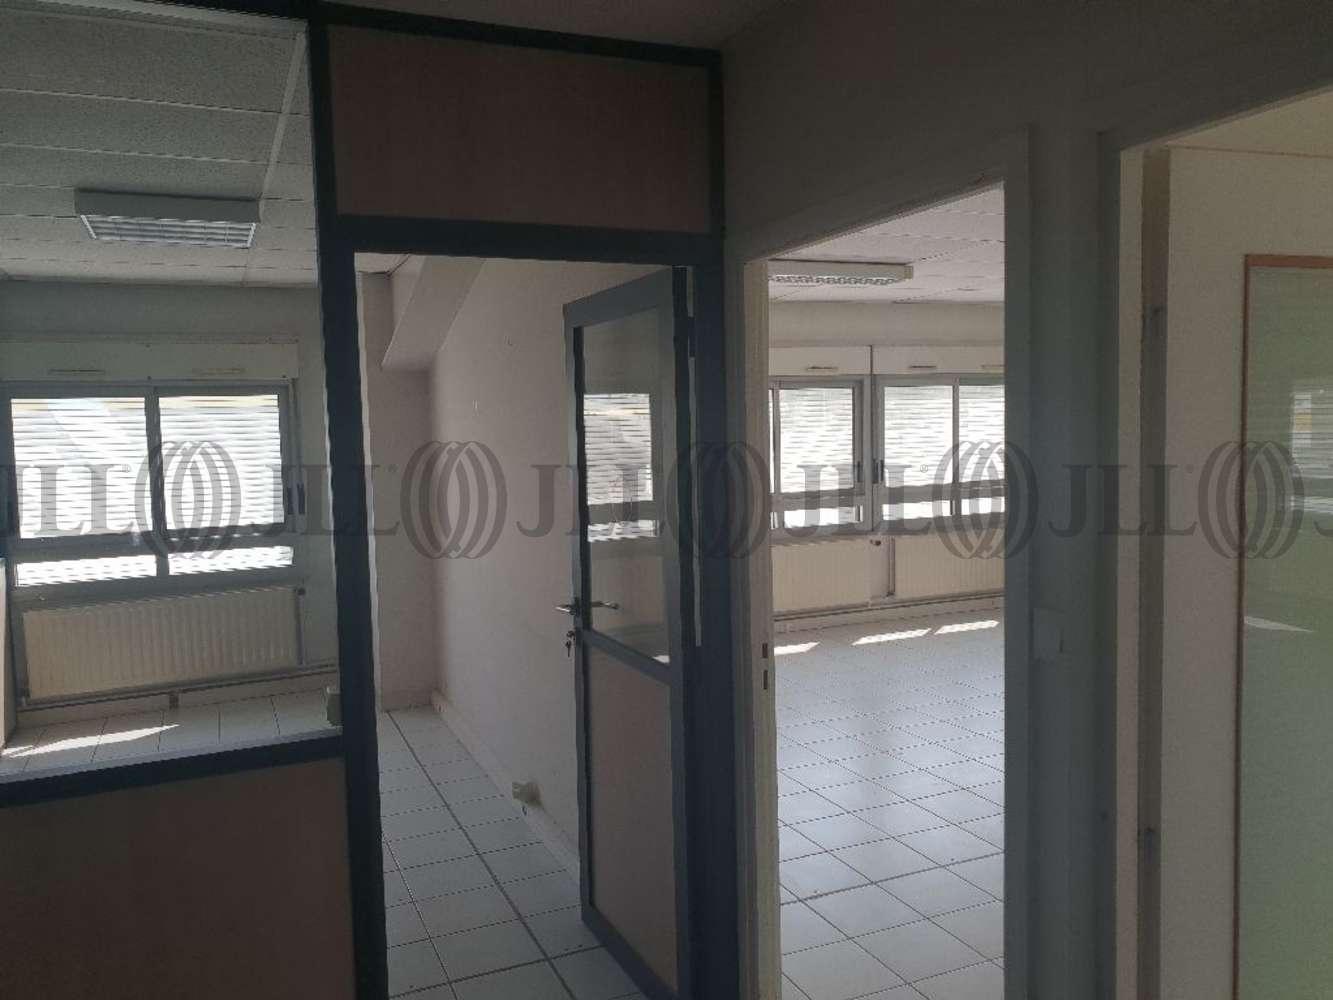 Activités/entrepôt Miribel, 01700 - LOCAUX D'ACTIVITÉ À VENDRE MIRIBEL - 10526013